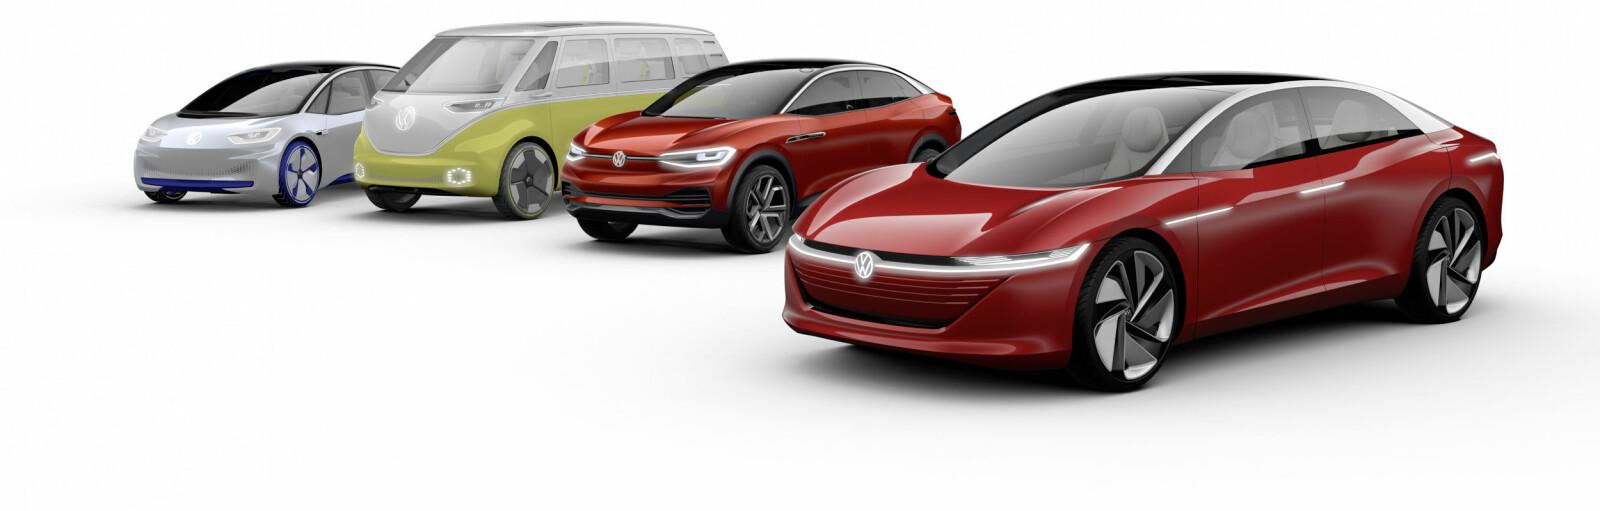 <b>KOMMENDE ELBILER:</b> Her er alle elbilene Volkswagen har annonsert så langt. Fra venstre: ID Neo, ID Buzz, ID Cross og ID Vizzion.